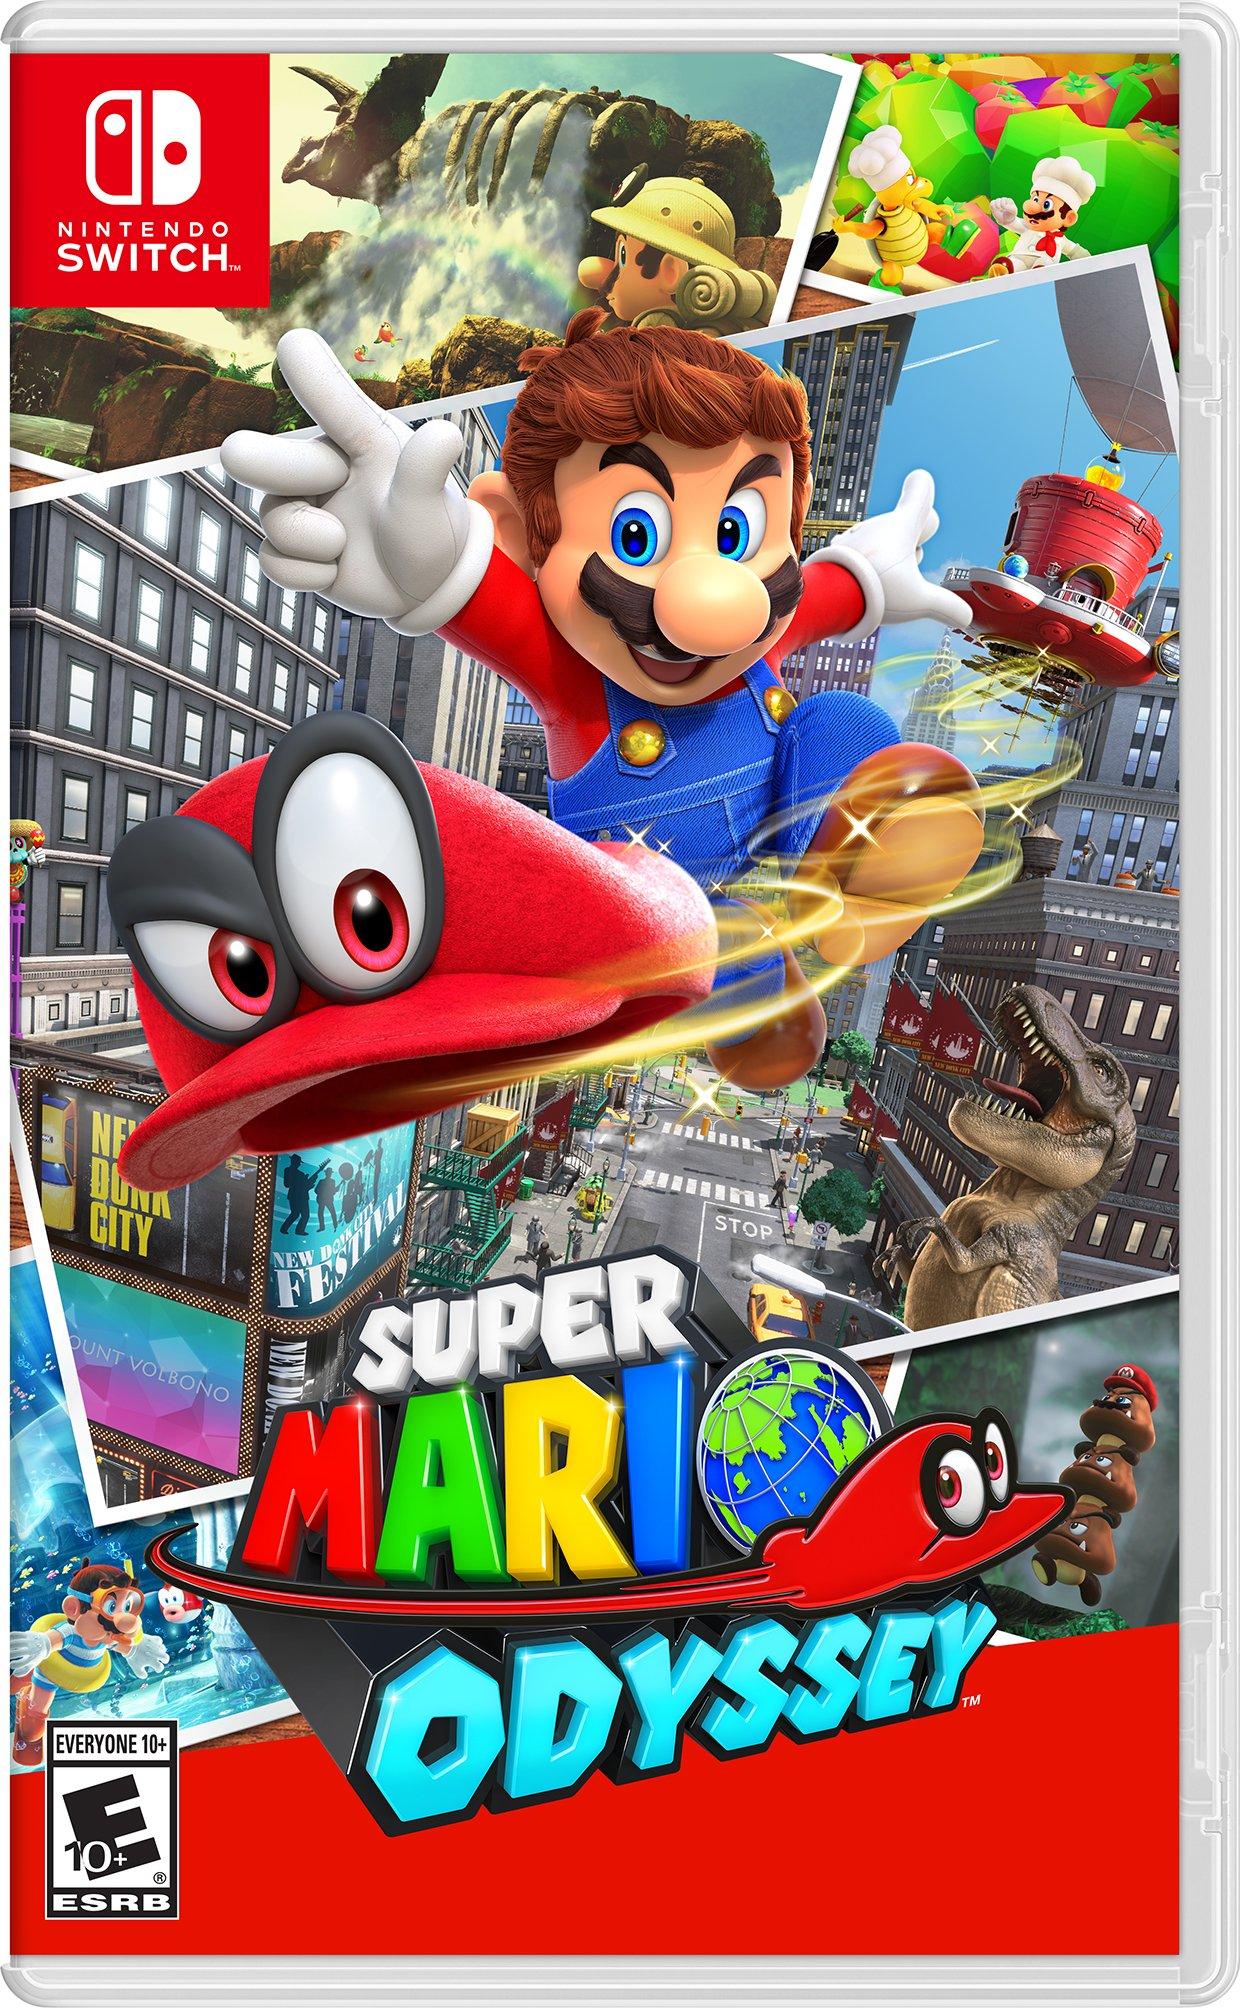 Super Mario Odyssey Nintendo Switch Oddysey Mario Party Riley